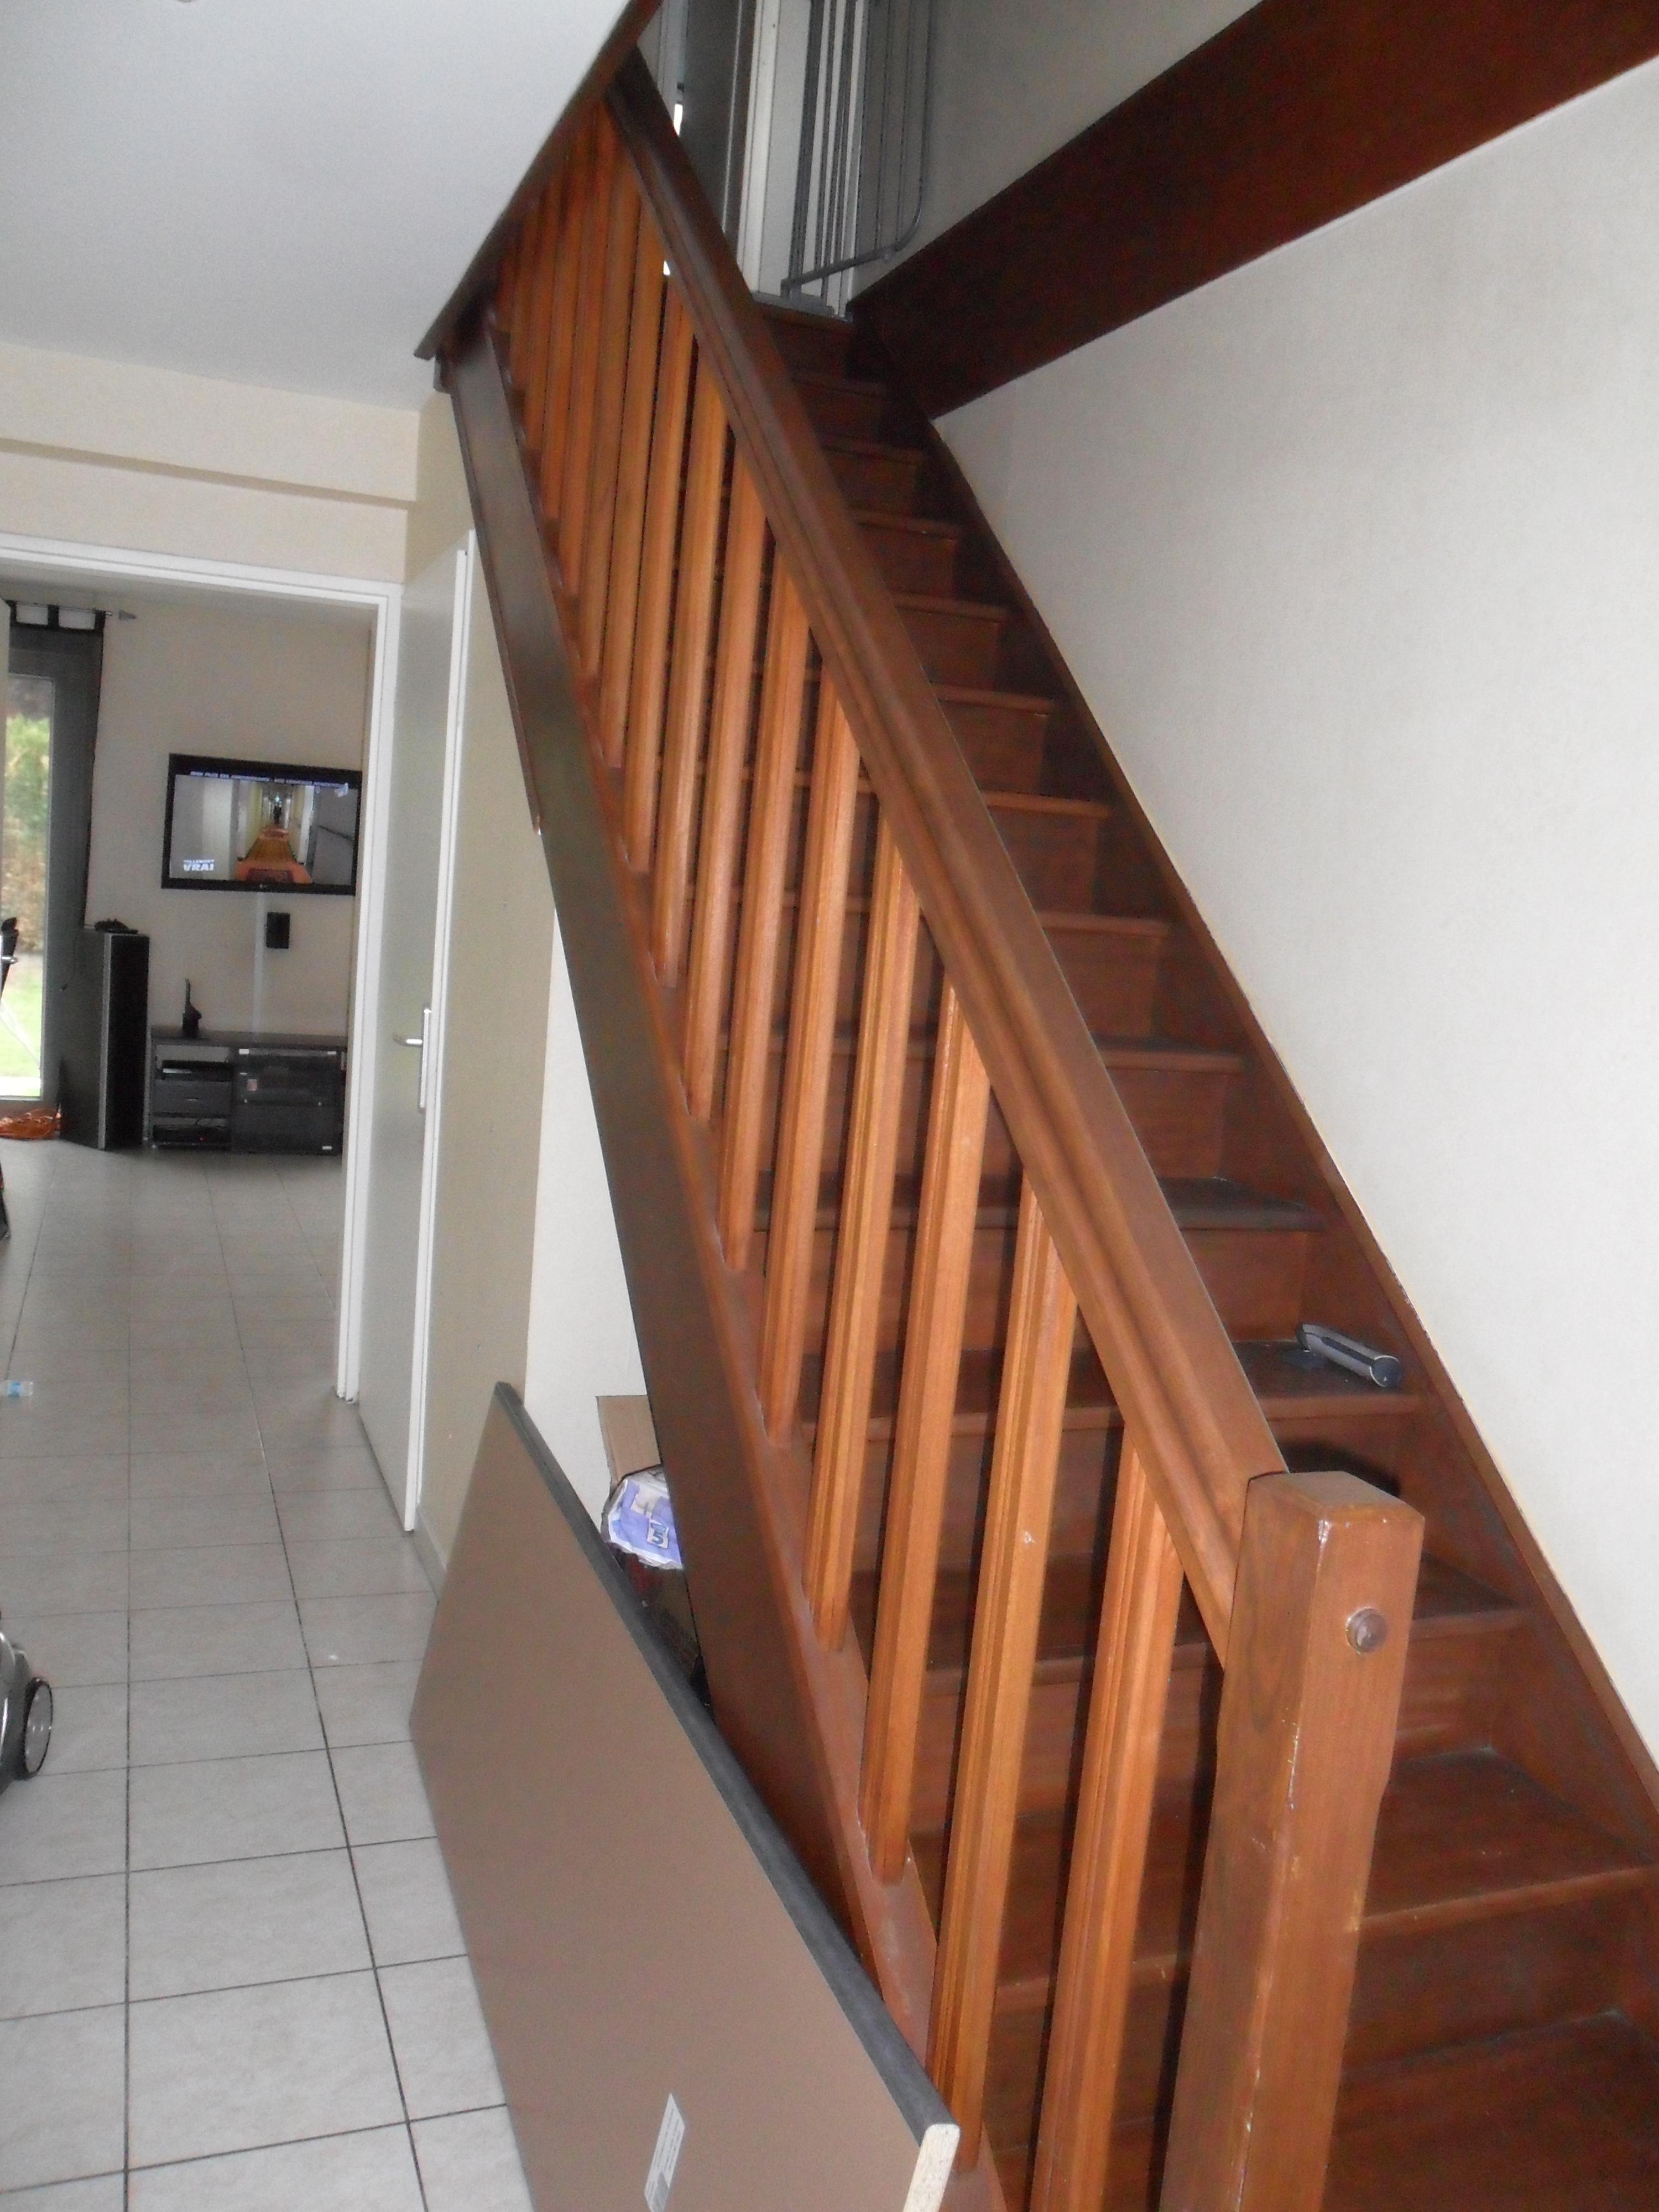 entr e et mont e d 39 escalier notre nouveau chez nous. Black Bedroom Furniture Sets. Home Design Ideas